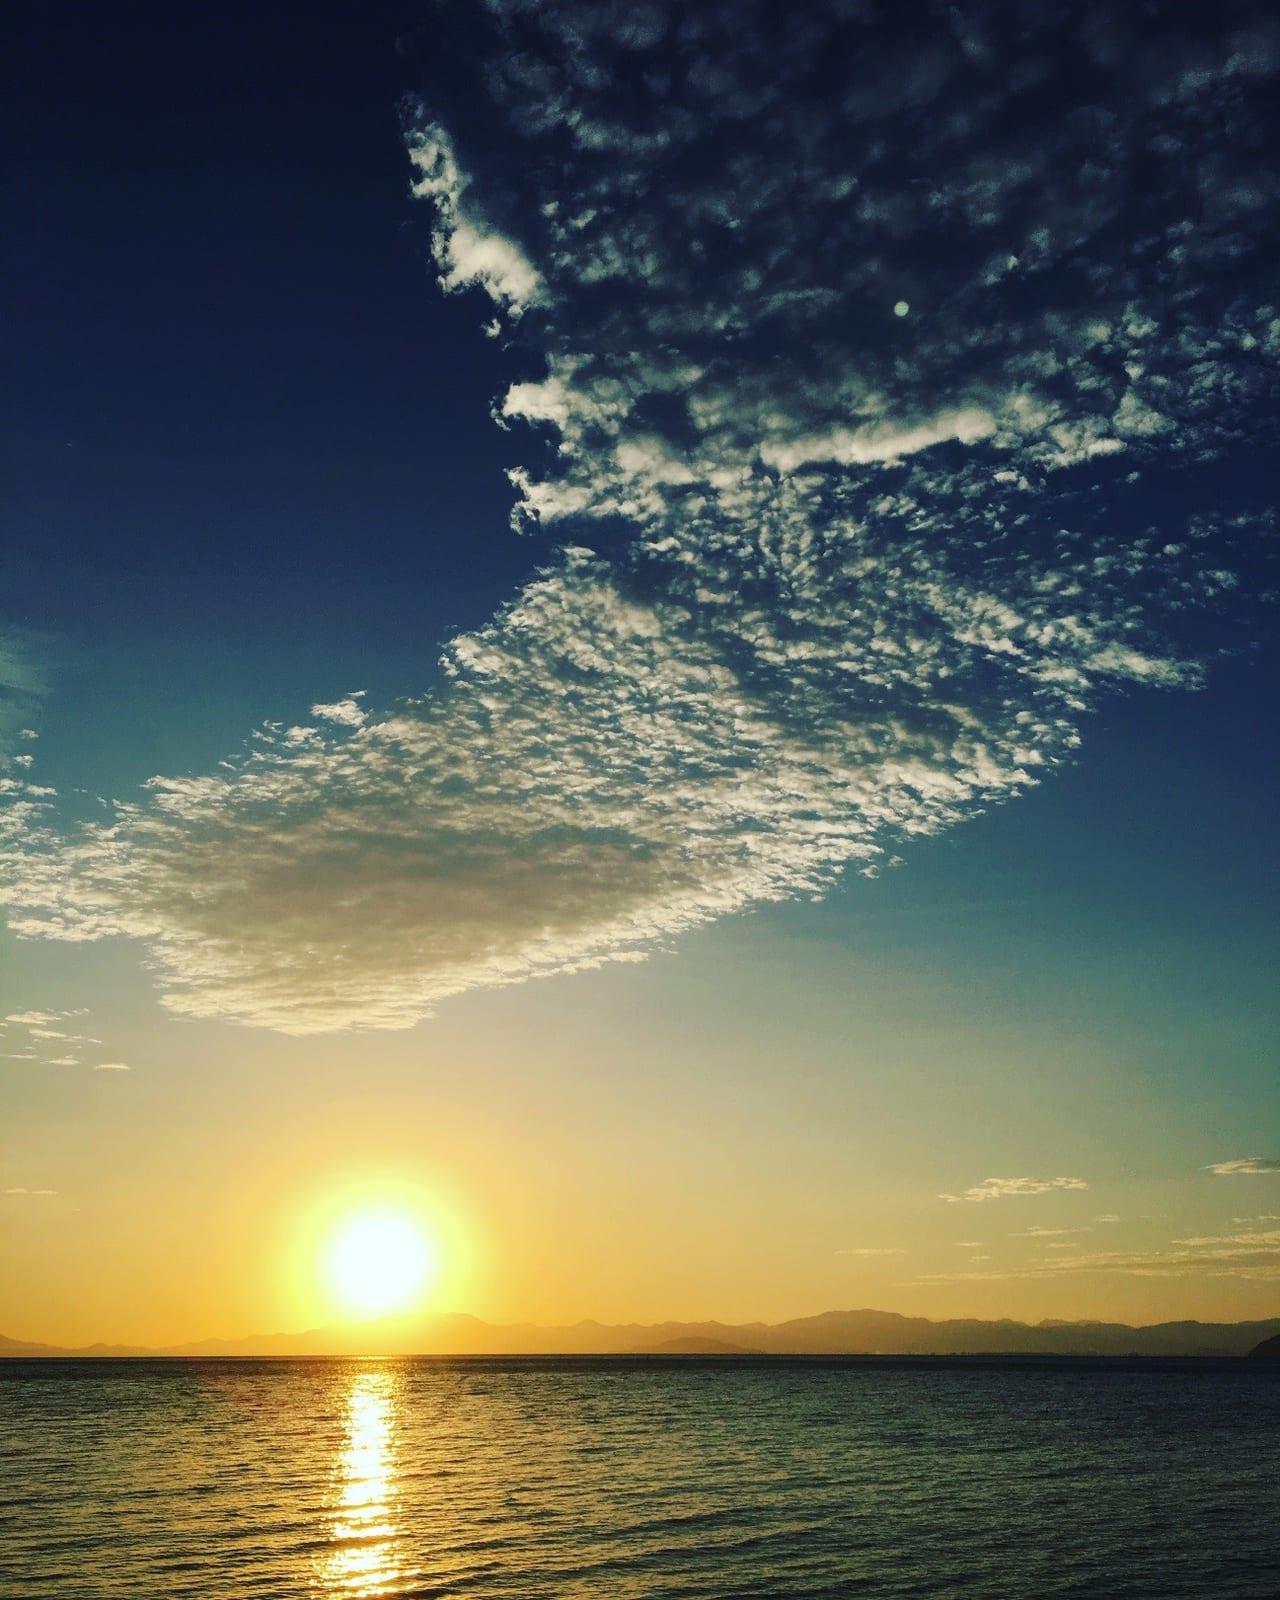 /湖に夕日が落ちる瞬間